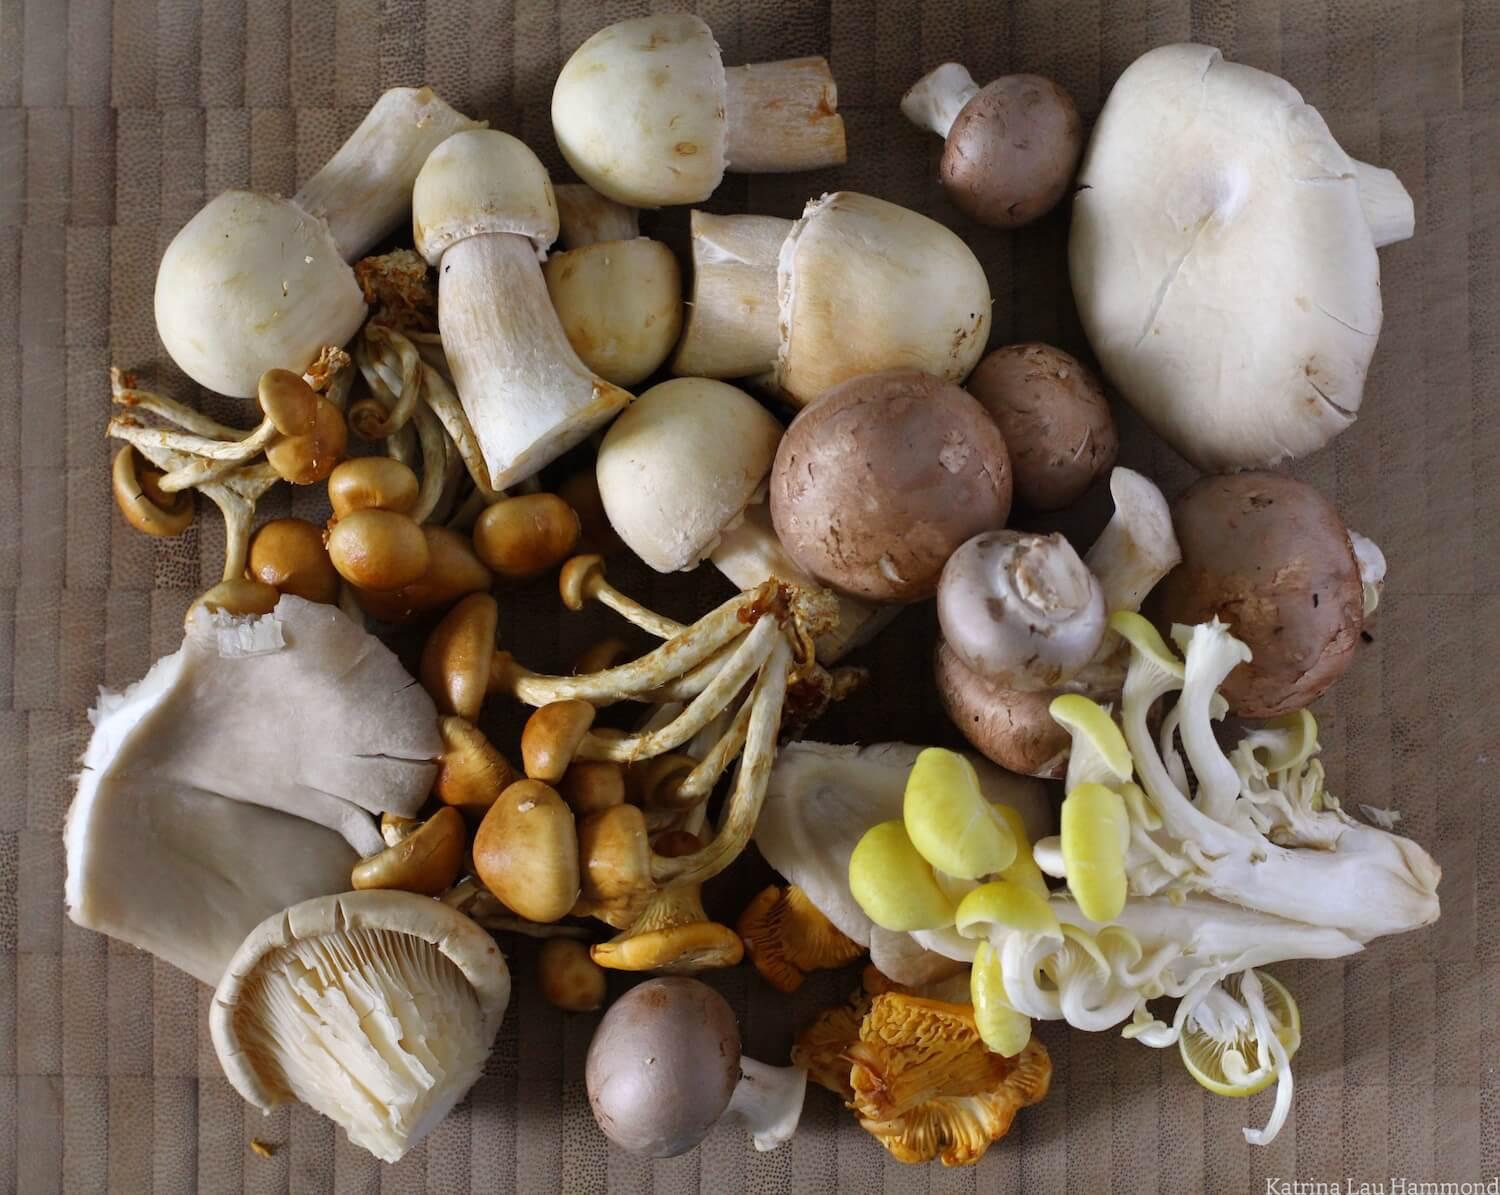 Wild_mushrooms_001_KLH.jpg